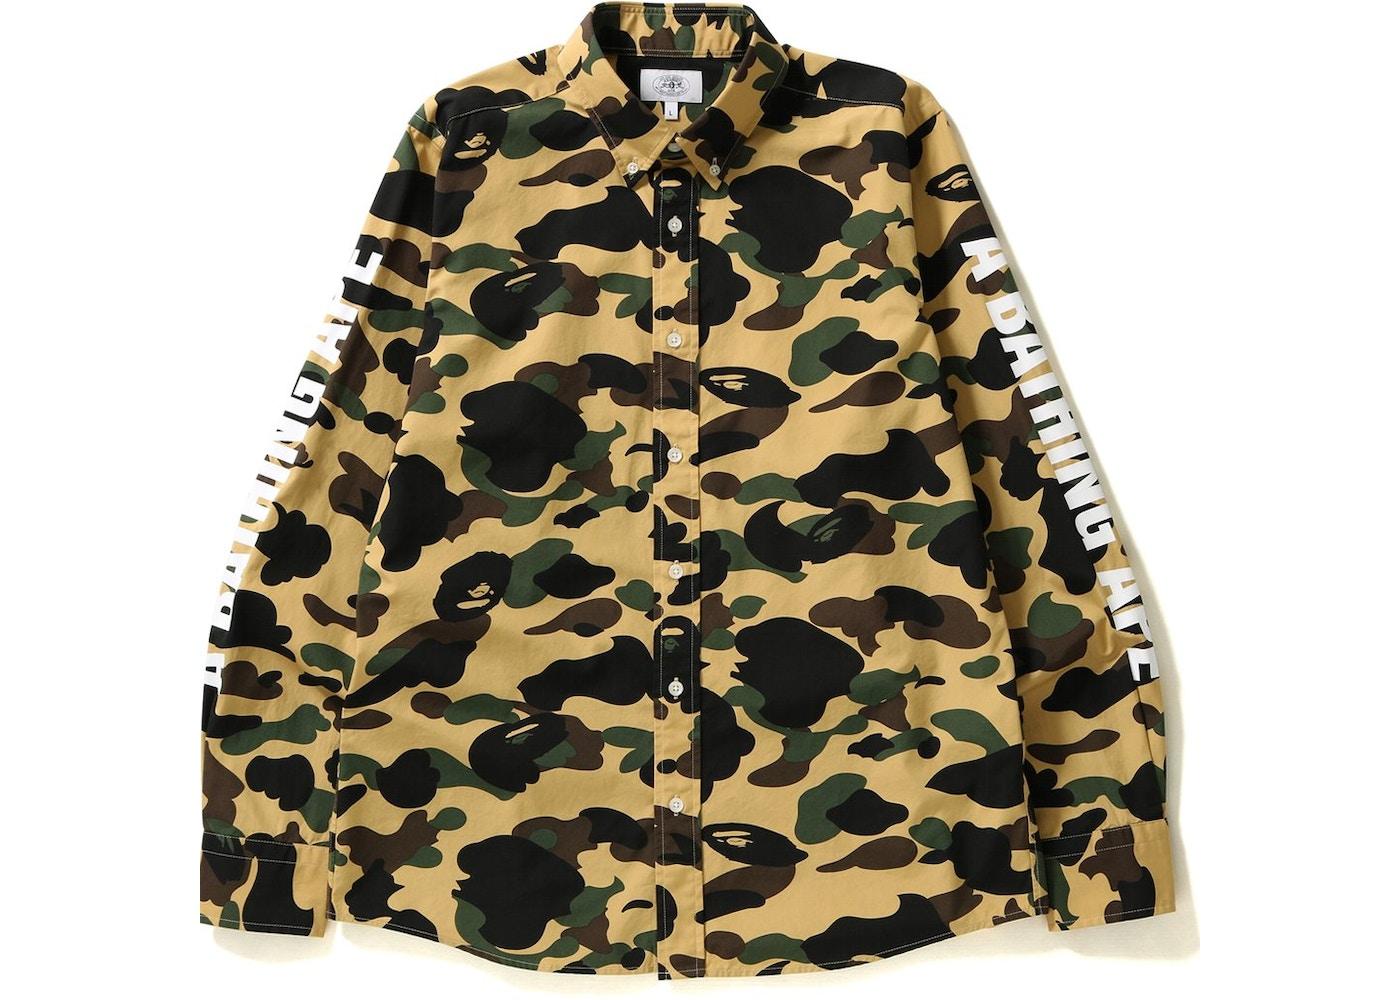 78d67389 BAPE 1st Camo Bd Shirt Shirt Yellow -